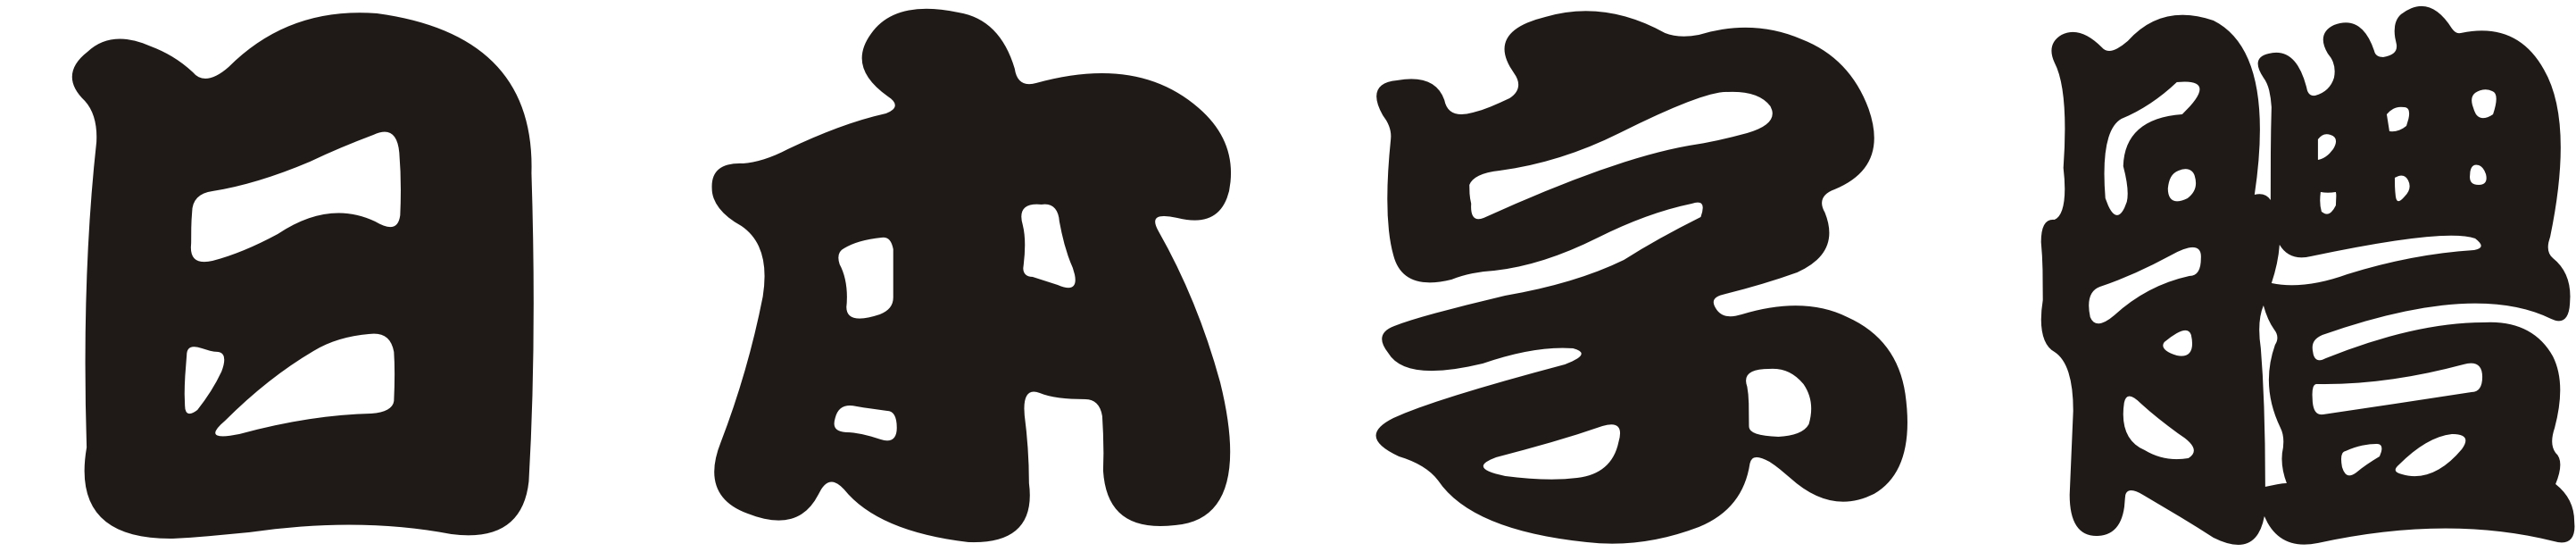 日本字_求这个日本字体